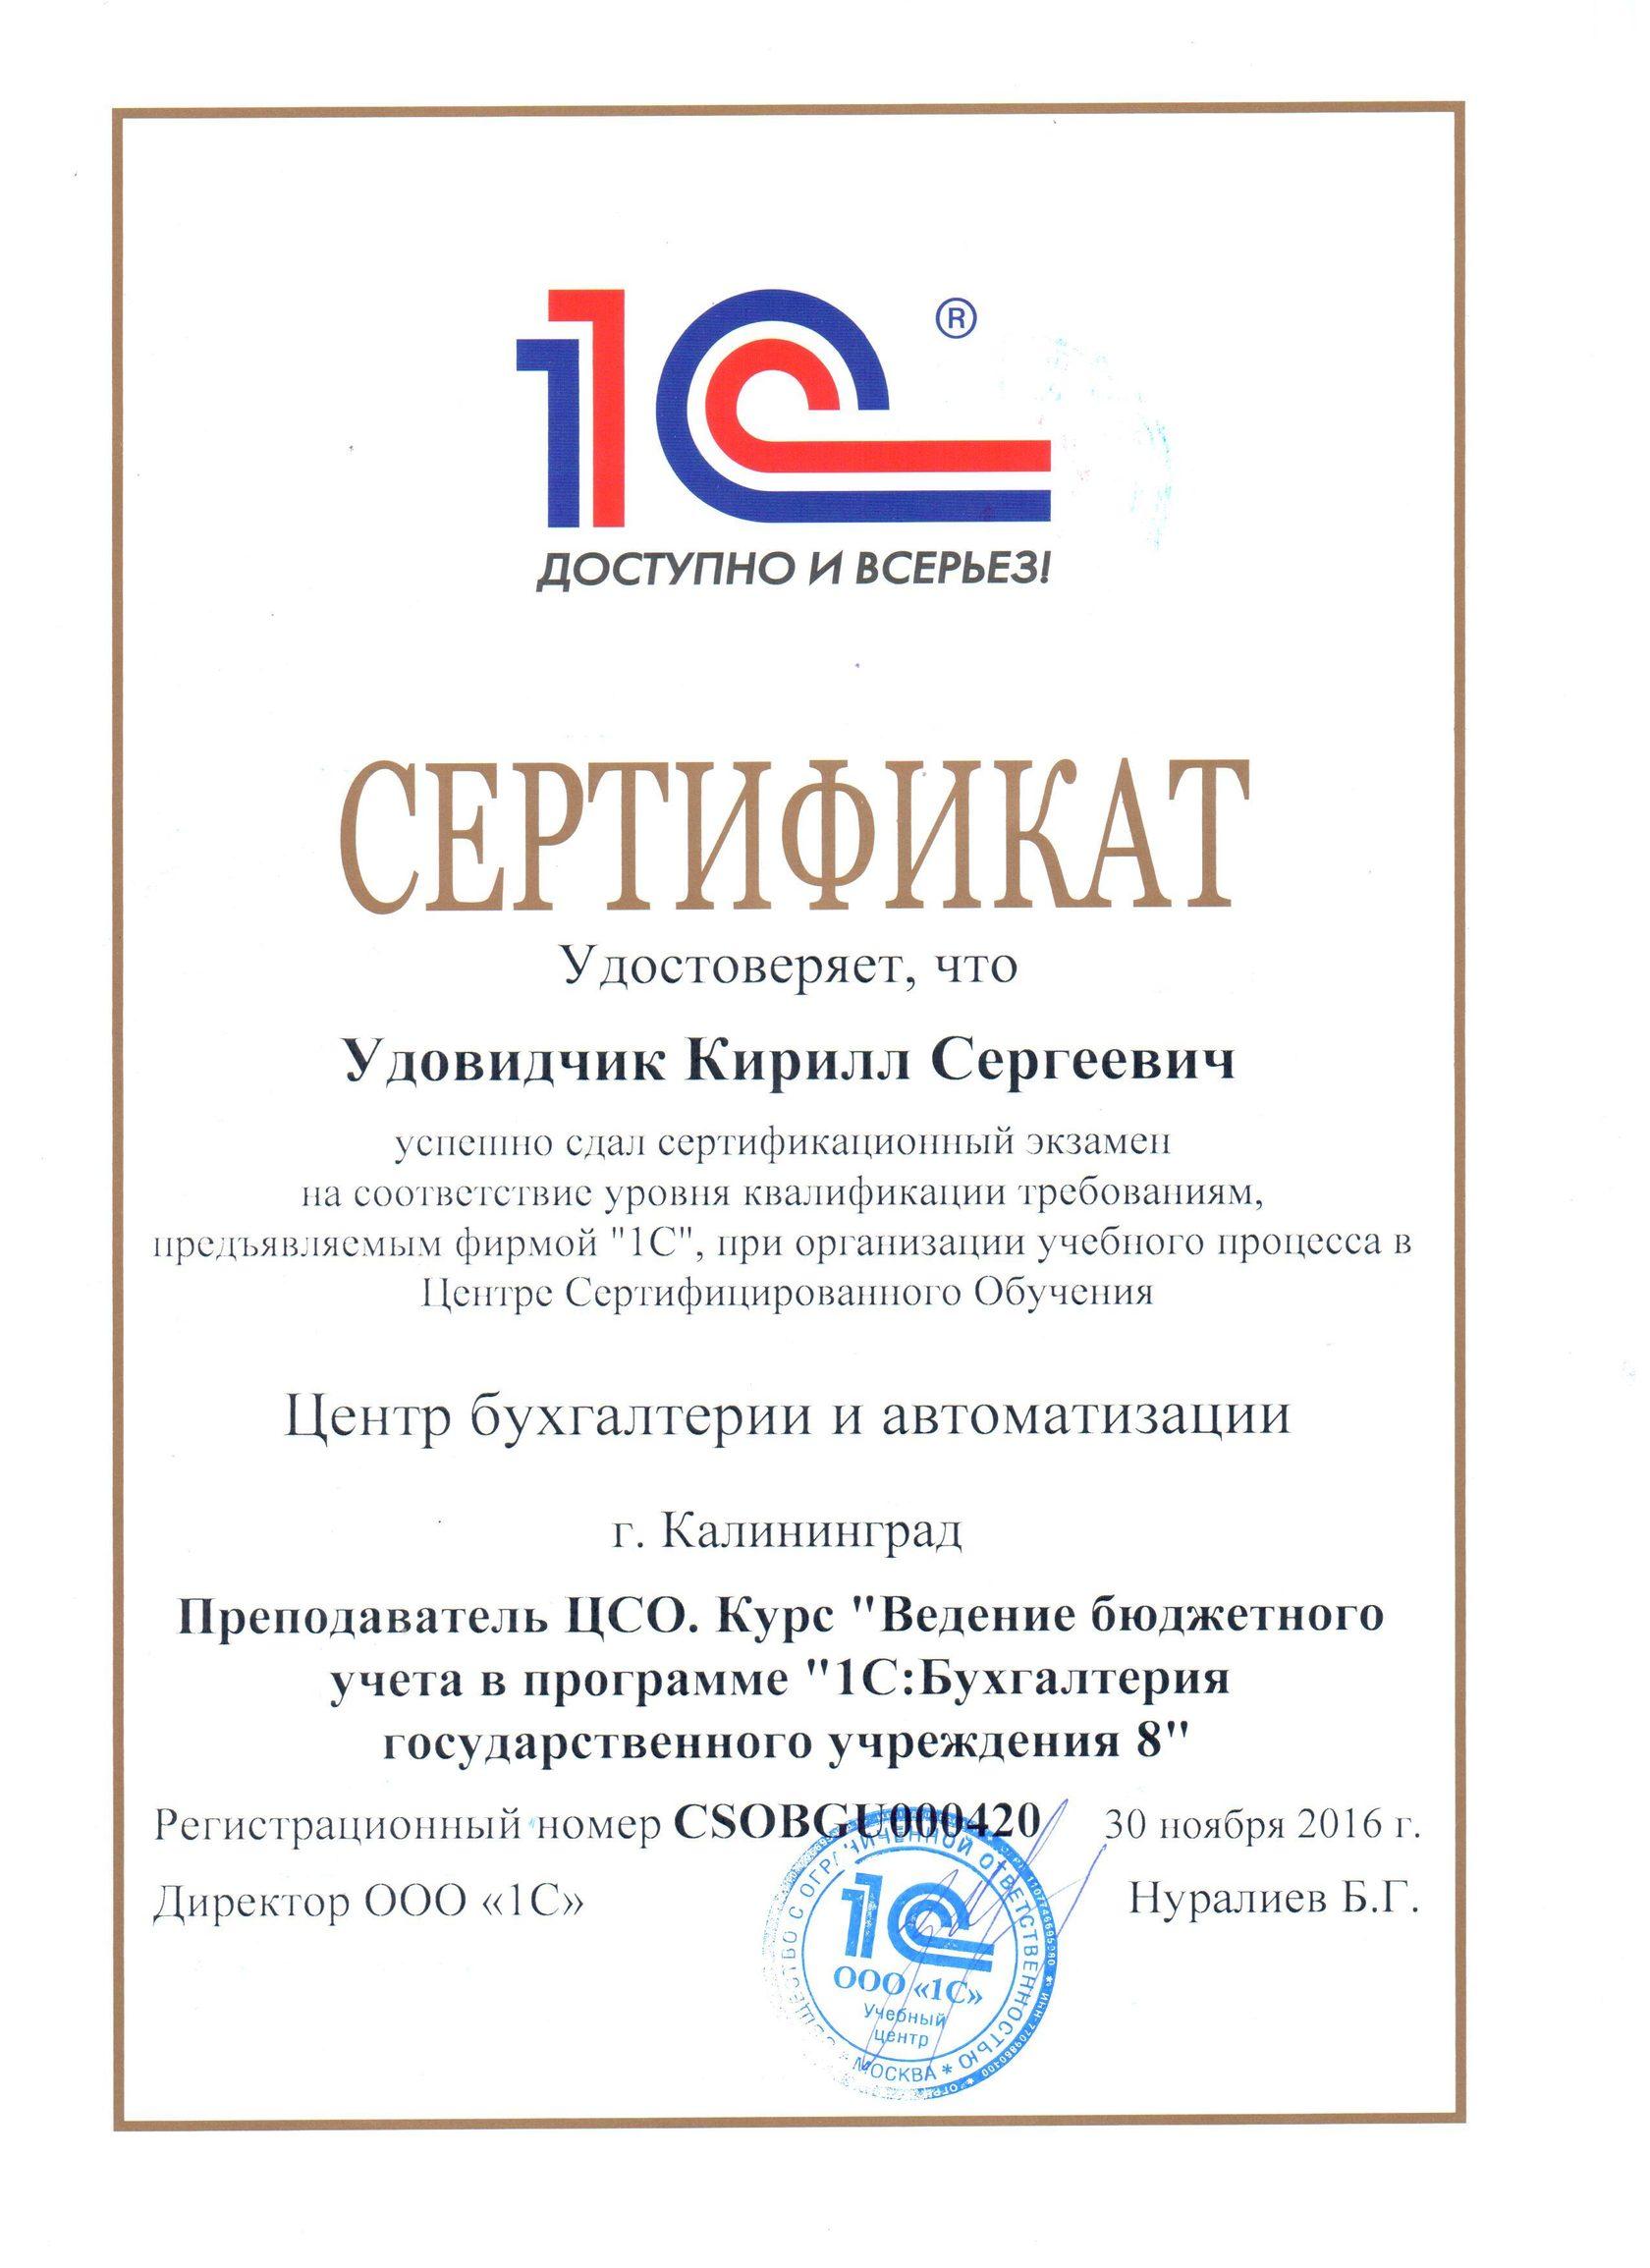 Наши сертификаты 1С